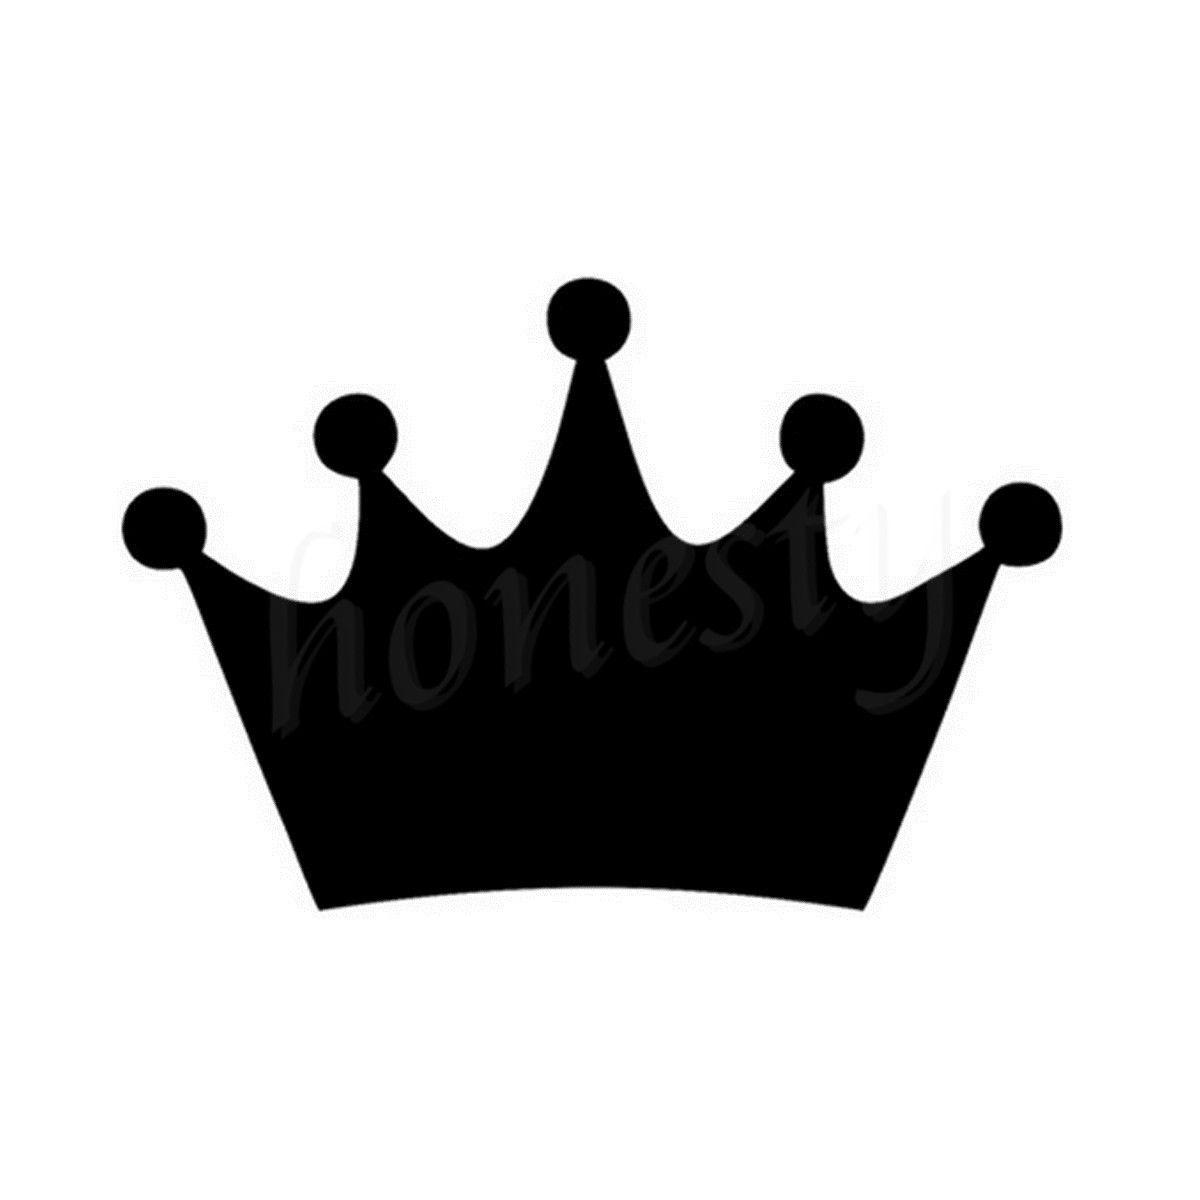 Kings Crown Racing Jdm Vinyl Car Decal Die Cut Sticker